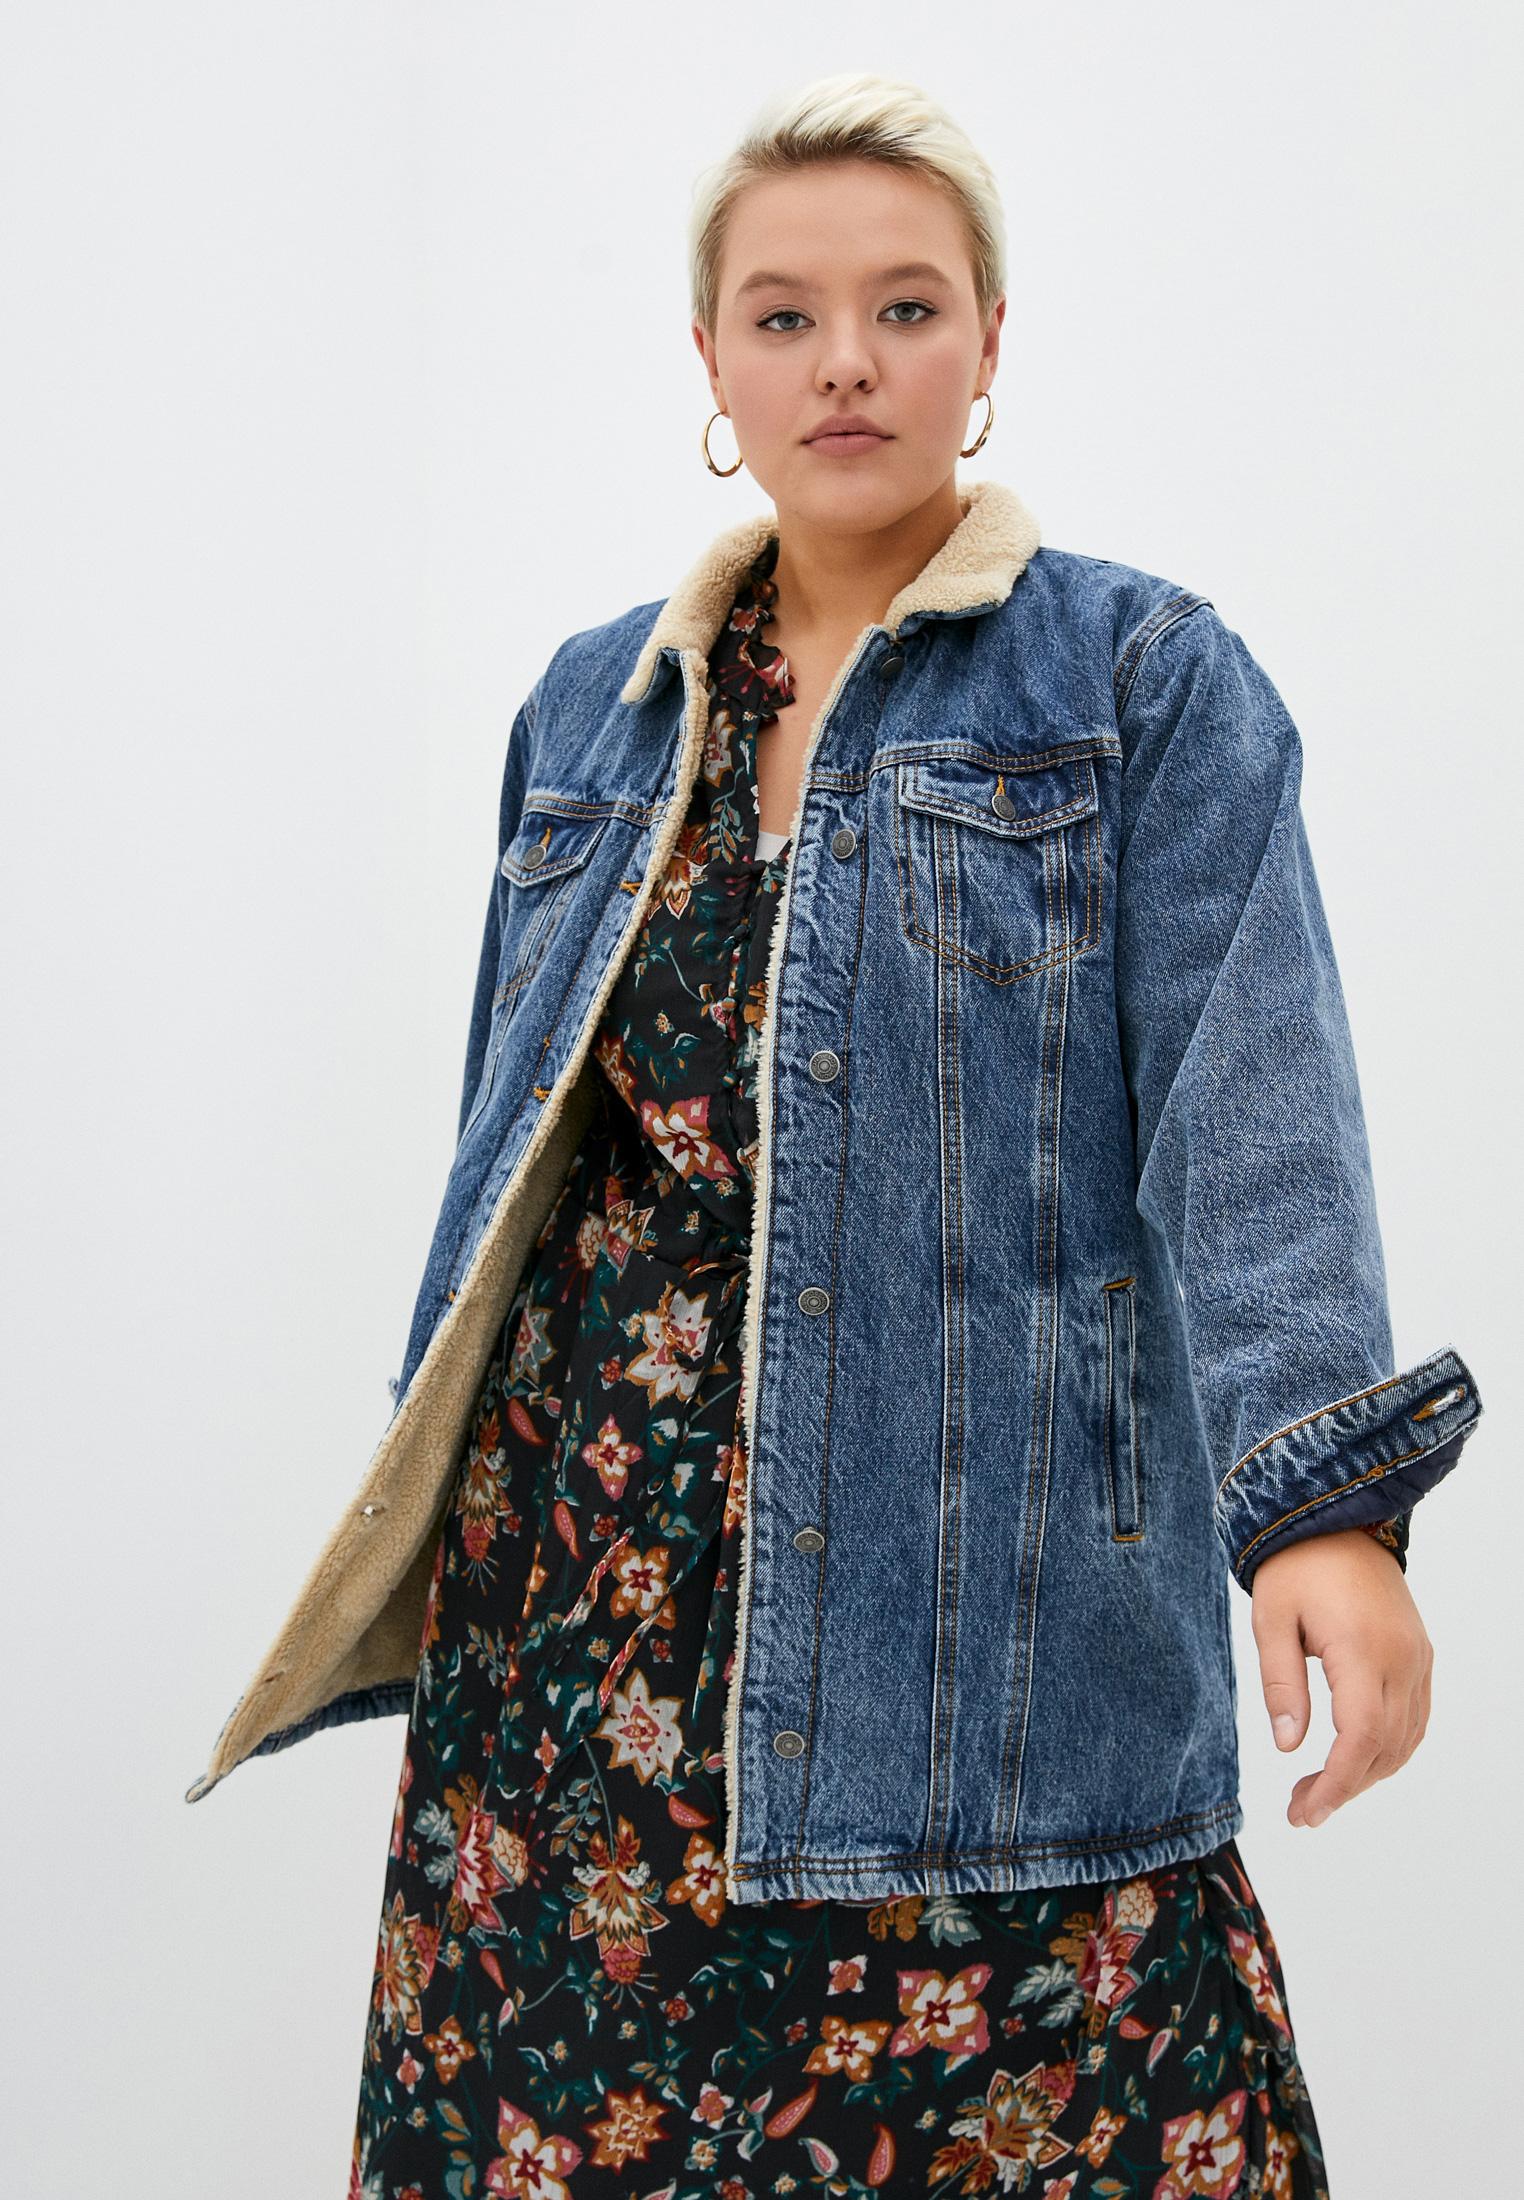 Куртка джинсовая Mossmore купить за в интернет-магазине Lamoda.ru